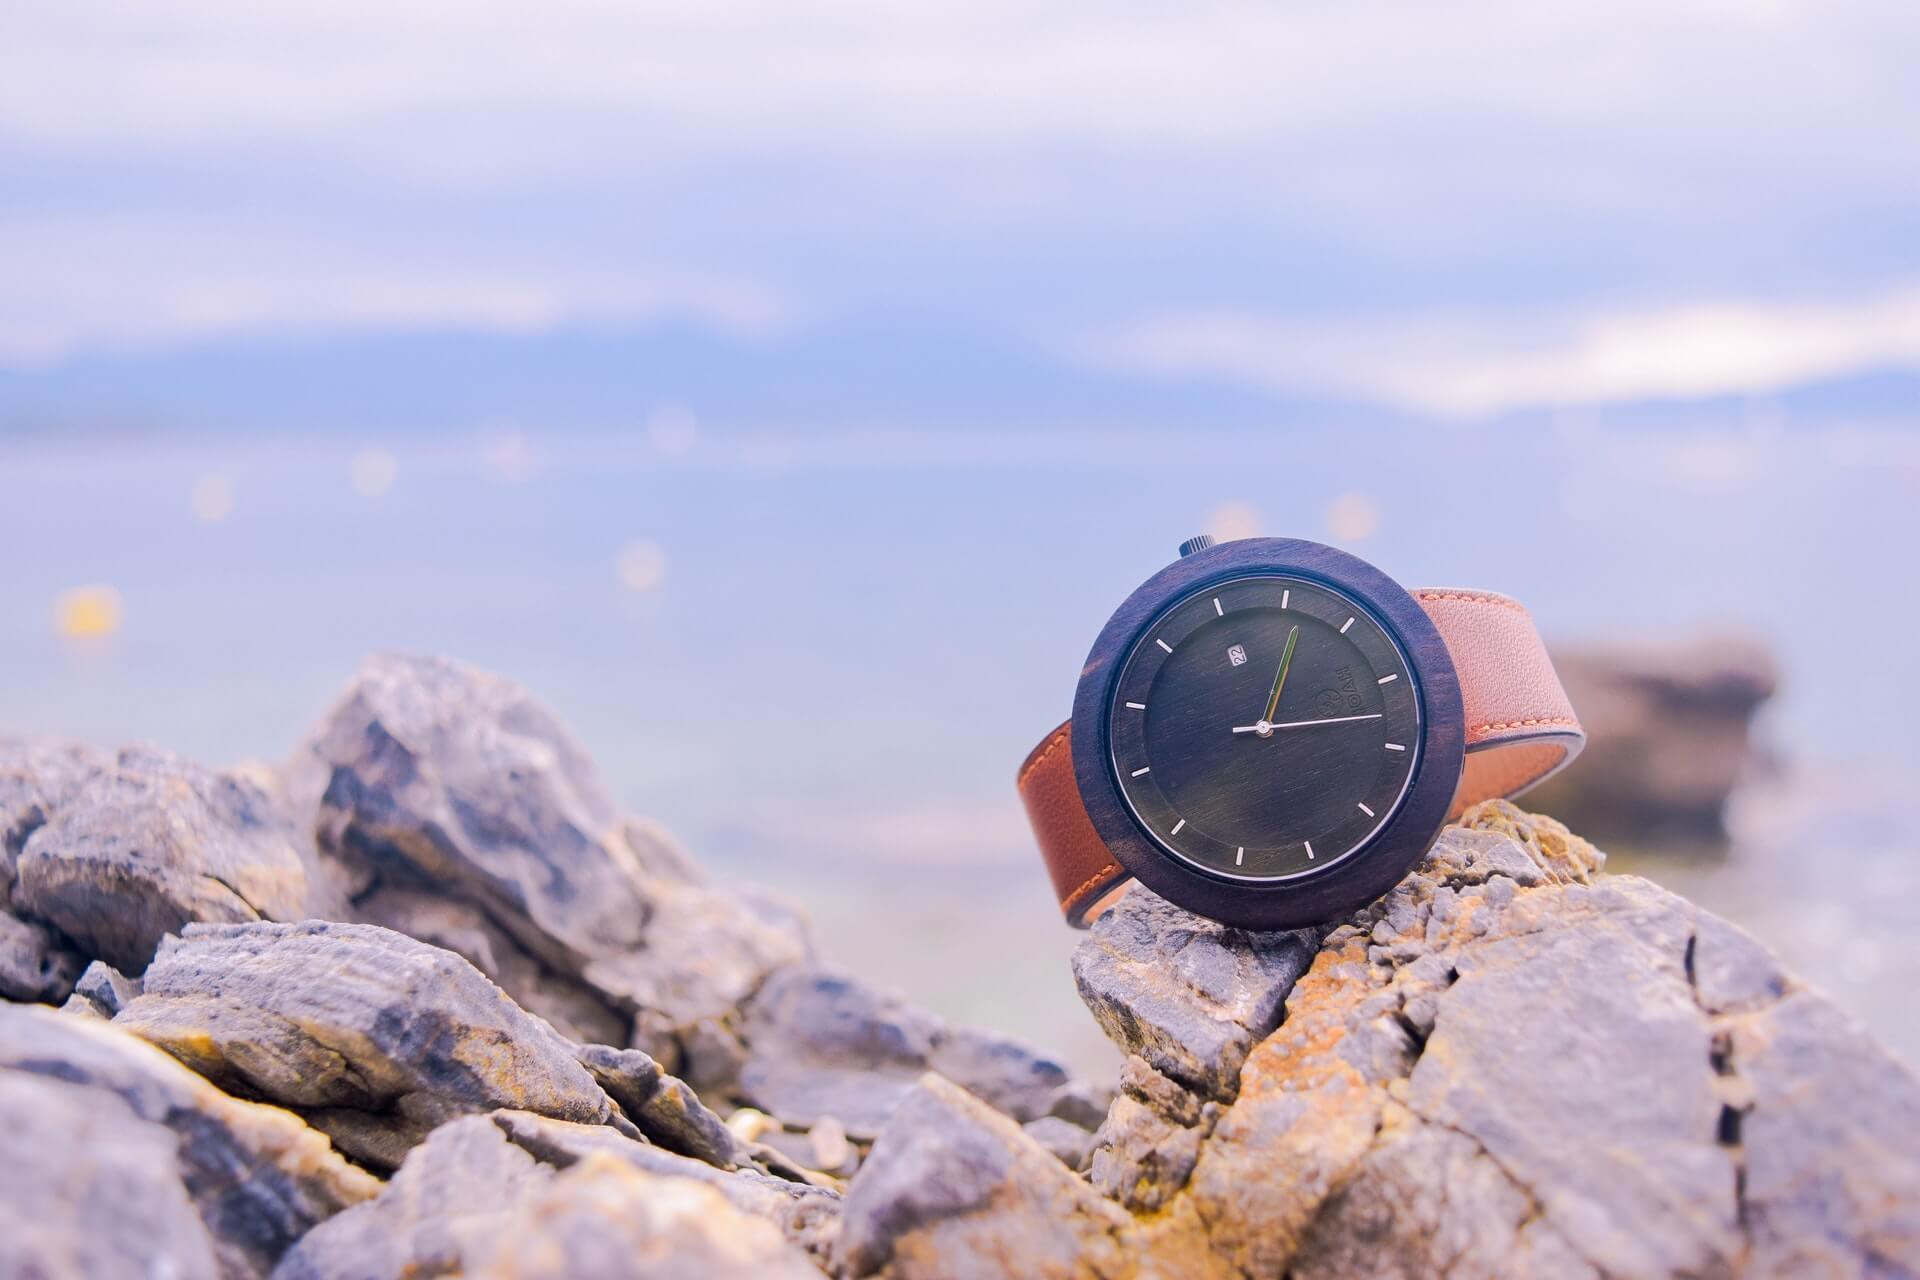 W poszukiwaniu solidnego zegarka